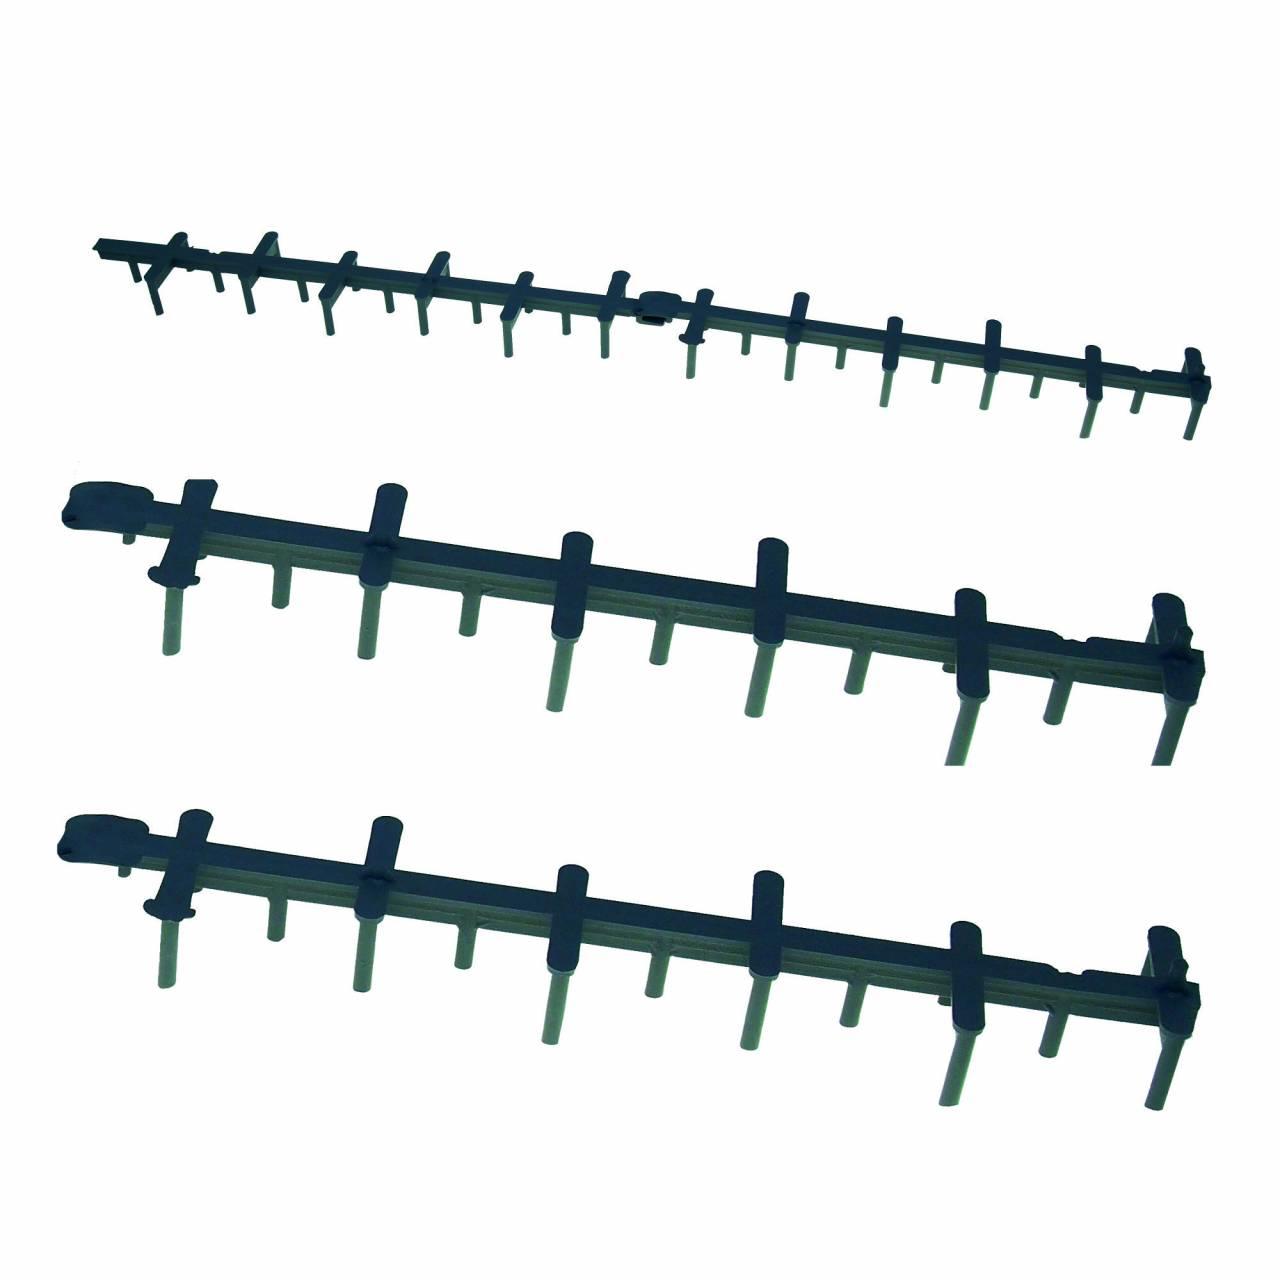 Stilett-25 / KST-Flächenabstandhalter 1,0 m / Krt a 9 Bund x 20 Stück